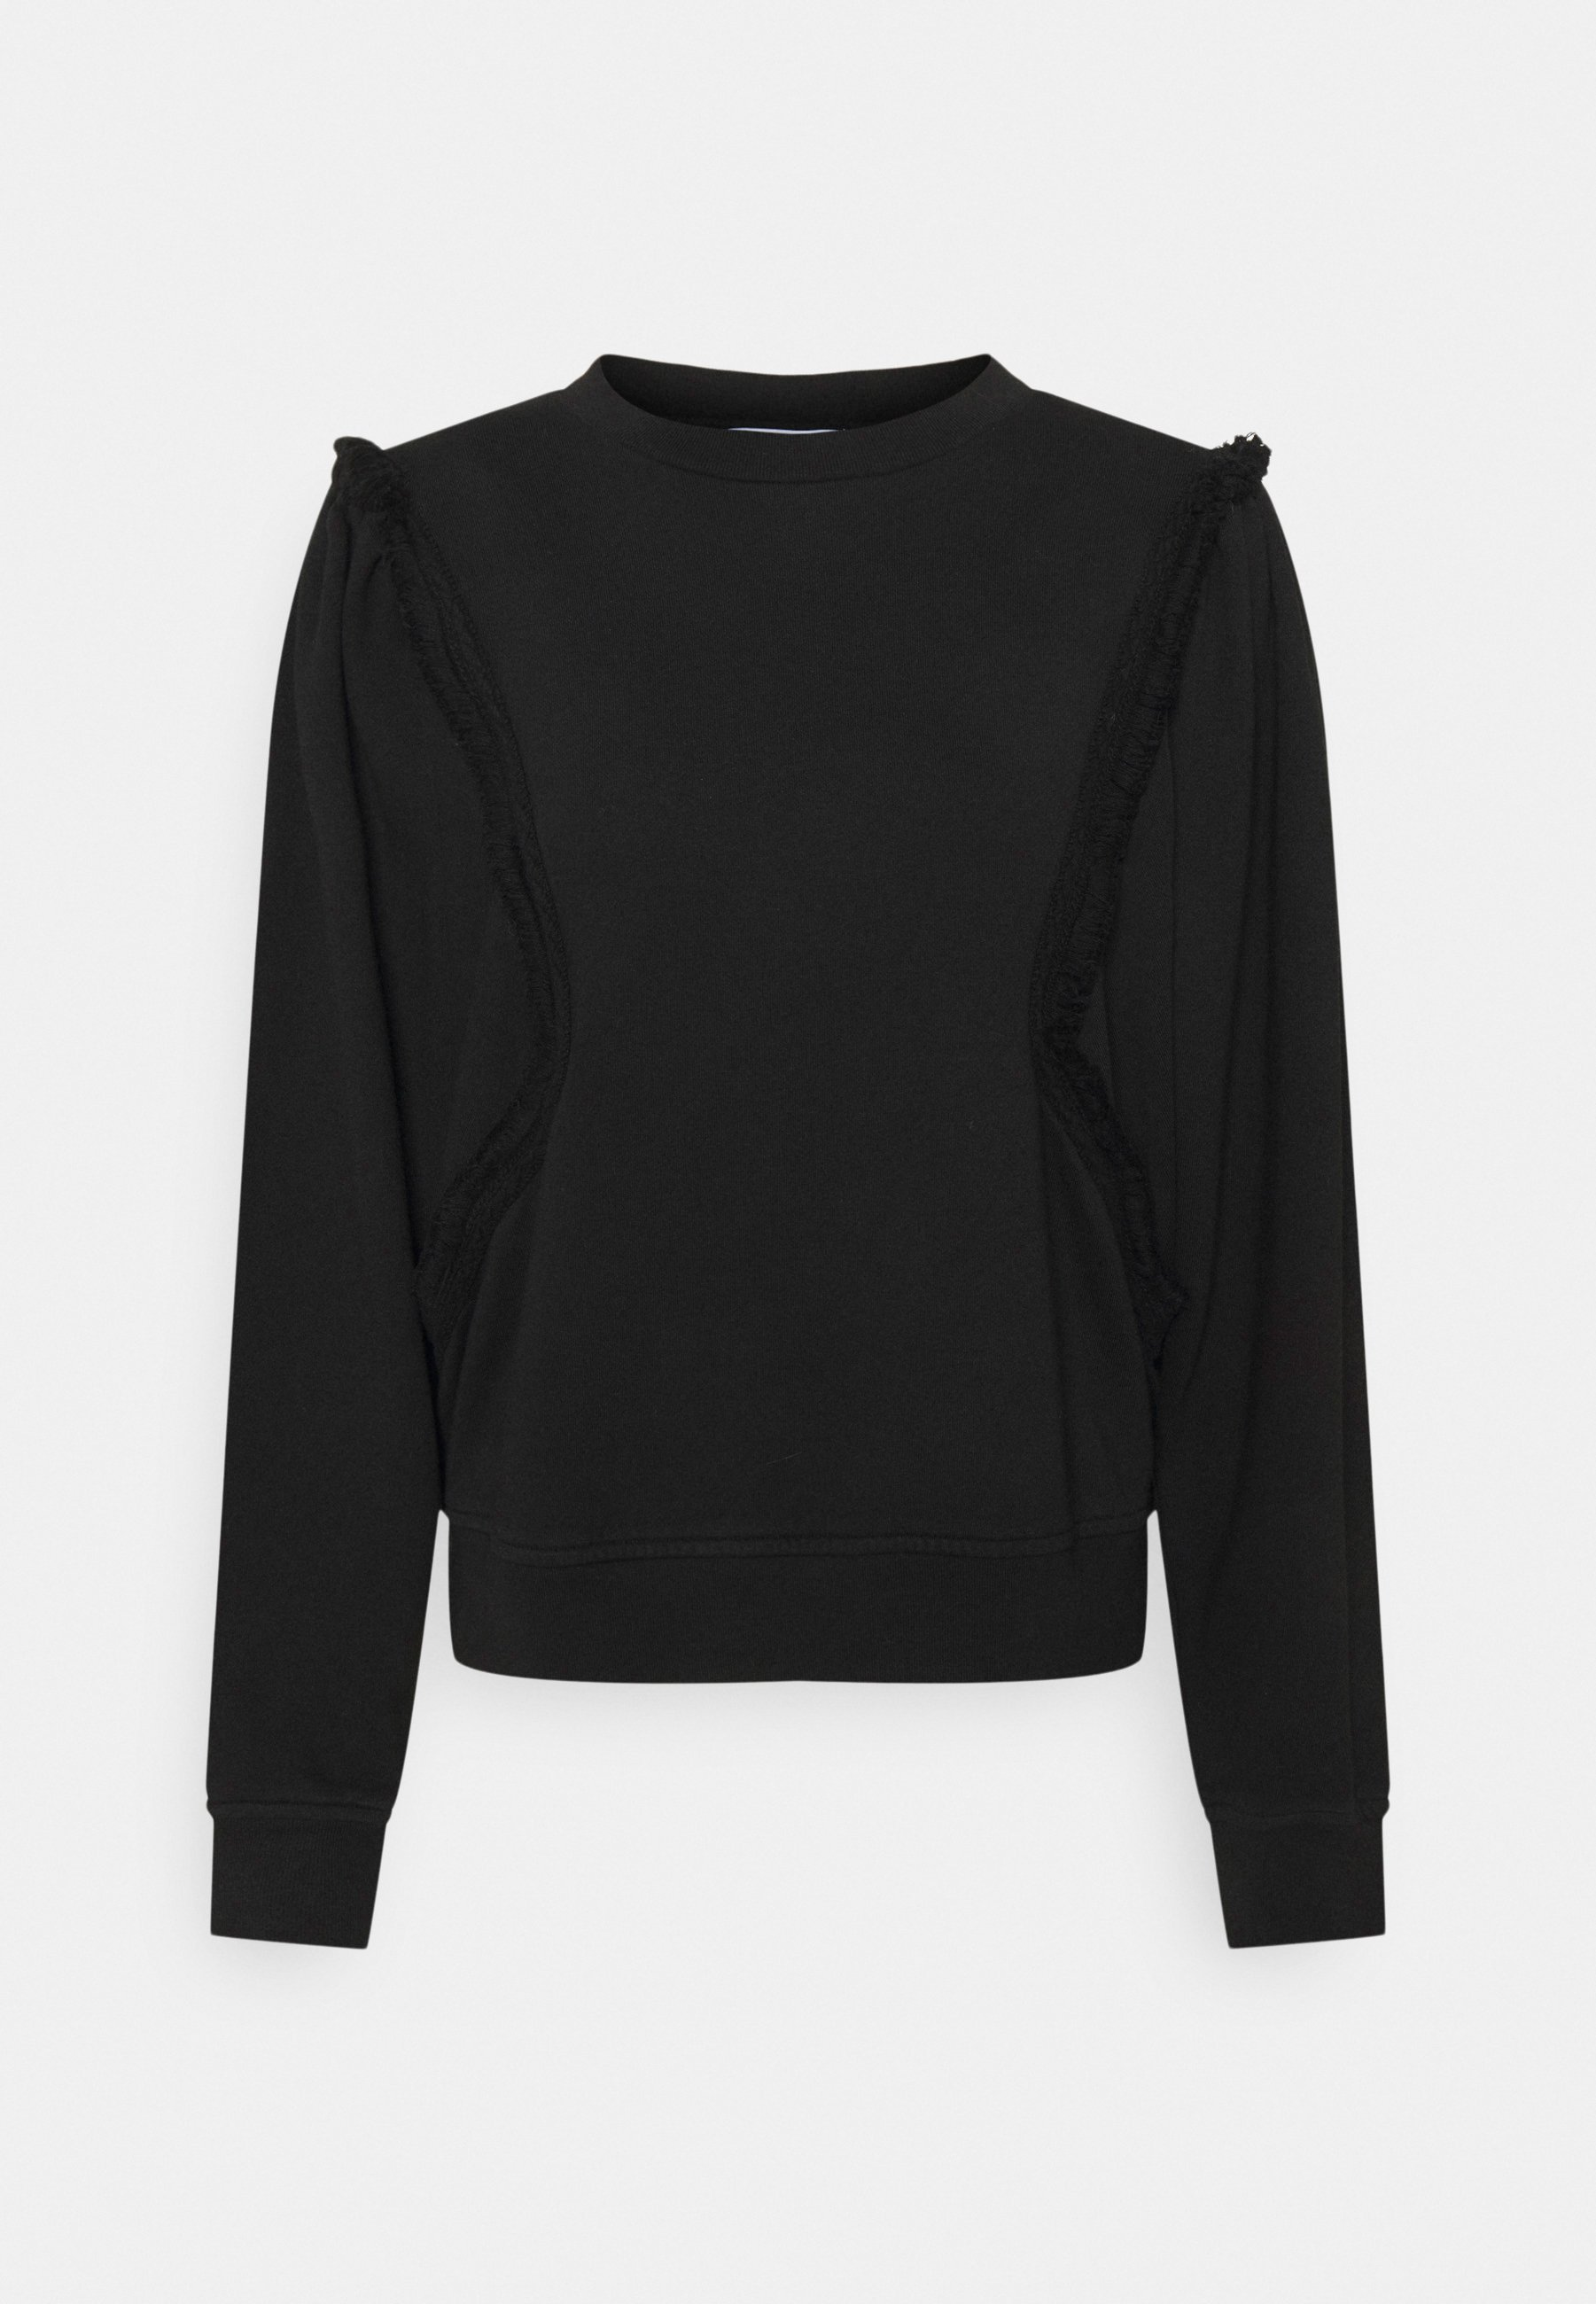 Women WOMEN'S - Sweatshirt